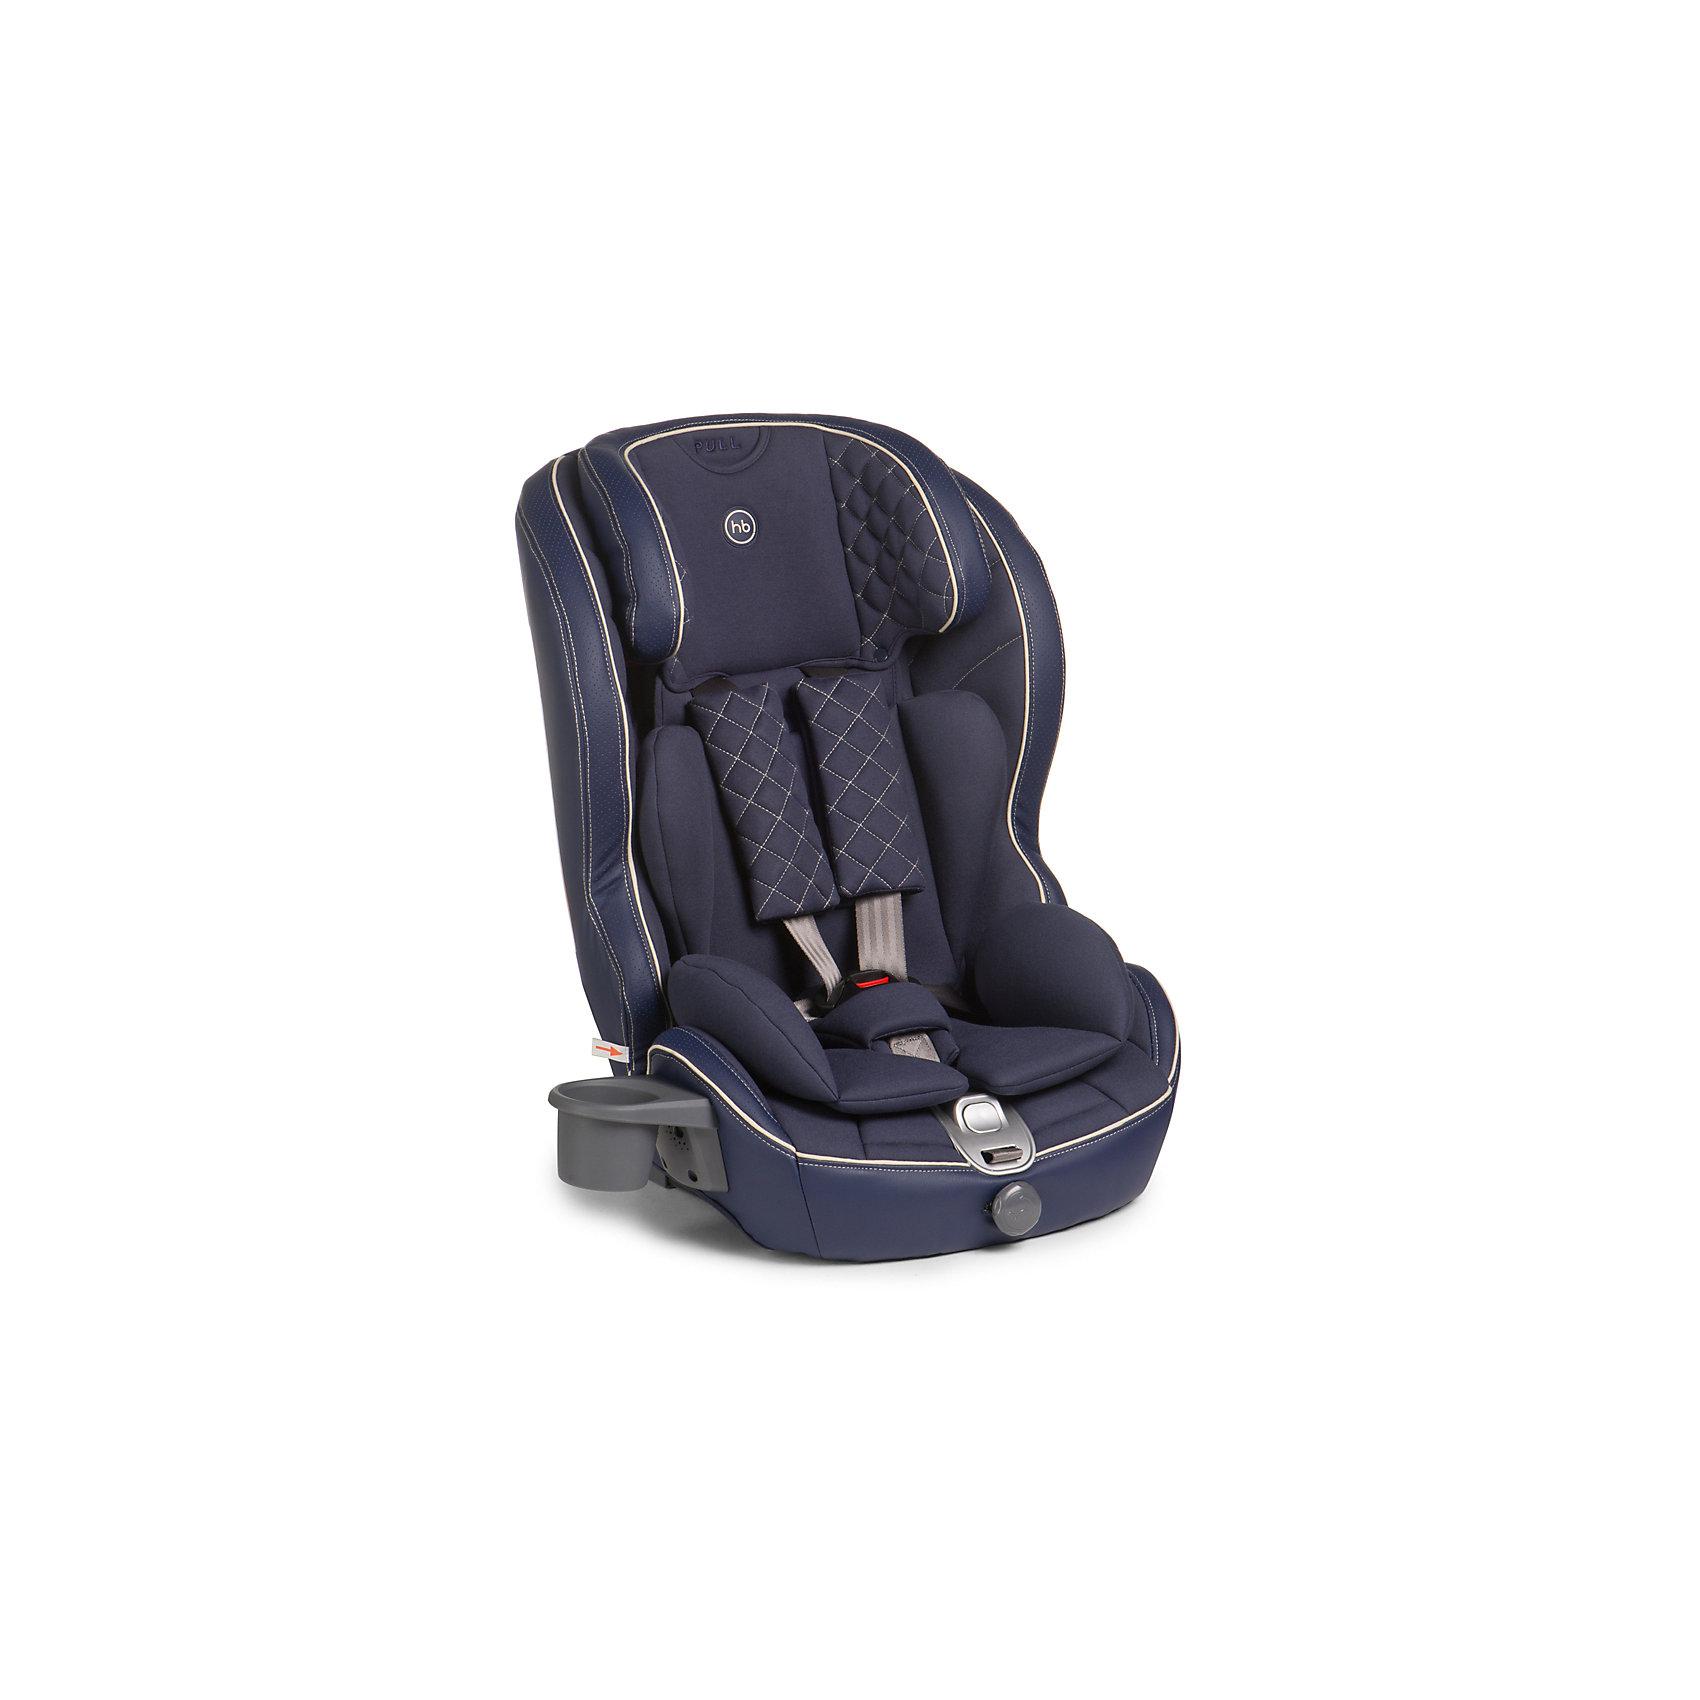 Автокресло Happy Baby Mustang Isofix, 9-36 кг, синийГруппа 1-2-3 (От 9 до 36 кг)<br>Безмятежный комфорт и безопасность в дороге подарит вашему малышу автокресло MUSTANG ISOFIX. Безопасность ребенка обеспечивает крепление ISOFIX, которое вместе с якорным ремнем TOP TETHER полностью исключает неправильную установку автокресла в машине. Установка не вызовет проблем у любых родителей: просто вставьте крепление в соответствующие разъемы автомобиля и протолкните до щелчка. Жесткая база автокресла выполнена из особо прочного материала и декорирована мягкой обивкой из эко-кожи и ткани, что создает дополнительный комфорт для ребенка во время поездок. Автокресло MUSTANG ISOFIX имеет плавное регулирование наклона спинки, пятиточечные ремни безопасности с мягкими накладками и прорезиненными плечевыми накладками во избежание скольжения, съемный чехол и фиксатор натяжения ремня. Для дополнительного комфорта во время поездок на автомобиле предусмотрен подстаканник. Современное концептуальное звучание формы, материалов и цветовое исполнение гарантирует превосходную адаптацию автокресла в интерьере вашего автомобиля.<br><br>Дополнительная информация:<br><br>Группа I-II-III (от 9 до 36 кг)<br>Габариты автокресла (ВхШхГ): 70*55*52см<br>Ширина посадочного места с вкладкой/без вкладки: 25/34 см<br>Глубина посадочного места с вкладкой/без вкладки: 27/30 см<br>Длинна спального места с вкладкой/без вкладки: 86/90 см<br>Вес автокресла: 7 кг<br>Трансформируется в бустер: нет<br>Регулируемый наклон спинки: плавная регулировка (угол наклона 90°-78°)<br>Регулируемый по высоте подголовник: 5 положений<br>Материал: пластик, металл, 100 % полиуретан (экокожа), 100 % полиэстер<br>Крепление ISOFIX <br>Якорный ремень TOP TETHER<br>Пятиточечные ремни безопасности с мягкими накладками<br>Плечевые накладки прорезинены для избежания скольжения<br>Съемный чехол с элементами из экокожи<br>Фиксатор натяжения ремня<br>Устанавливается лицом по ходу движения автомобиля<br>В комплекте: подстаканник <br>Защита о